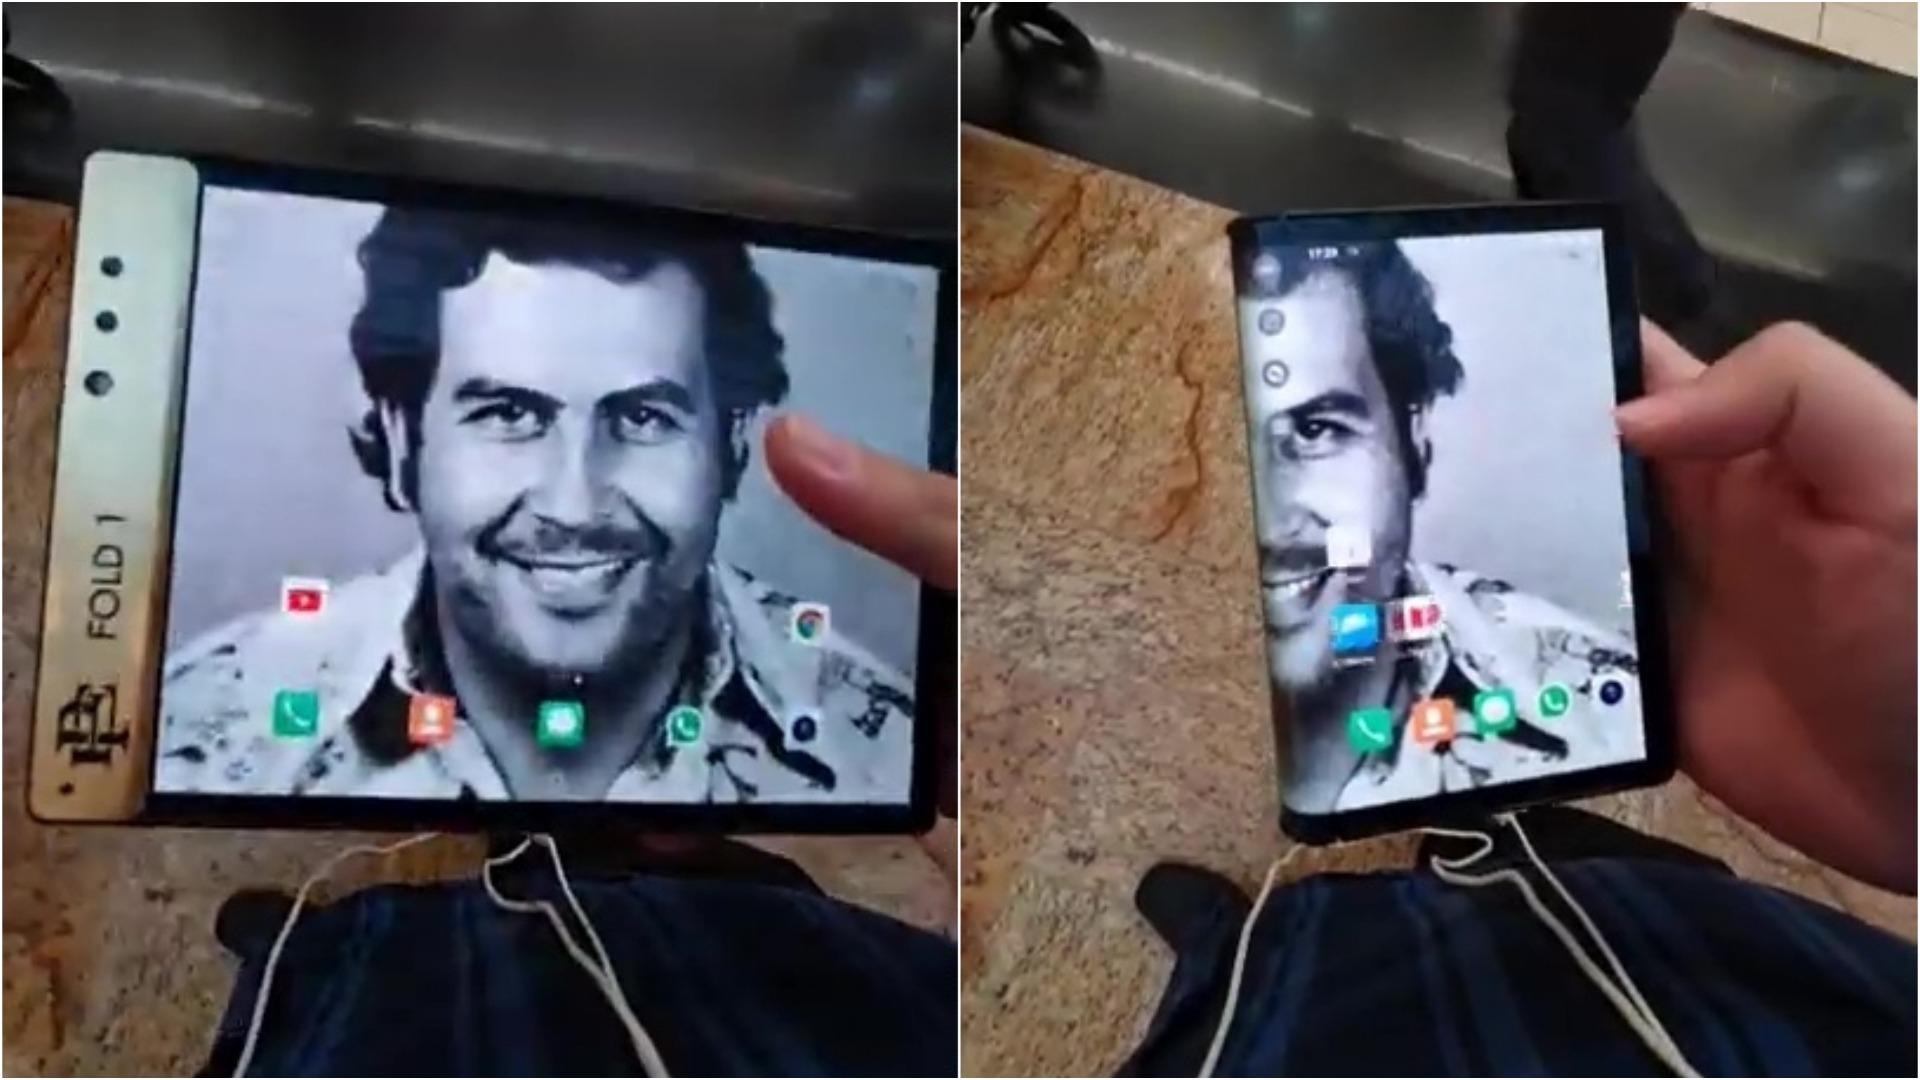 Así funciona este FlexPai con la marca del hermano de Pablo Escobar.